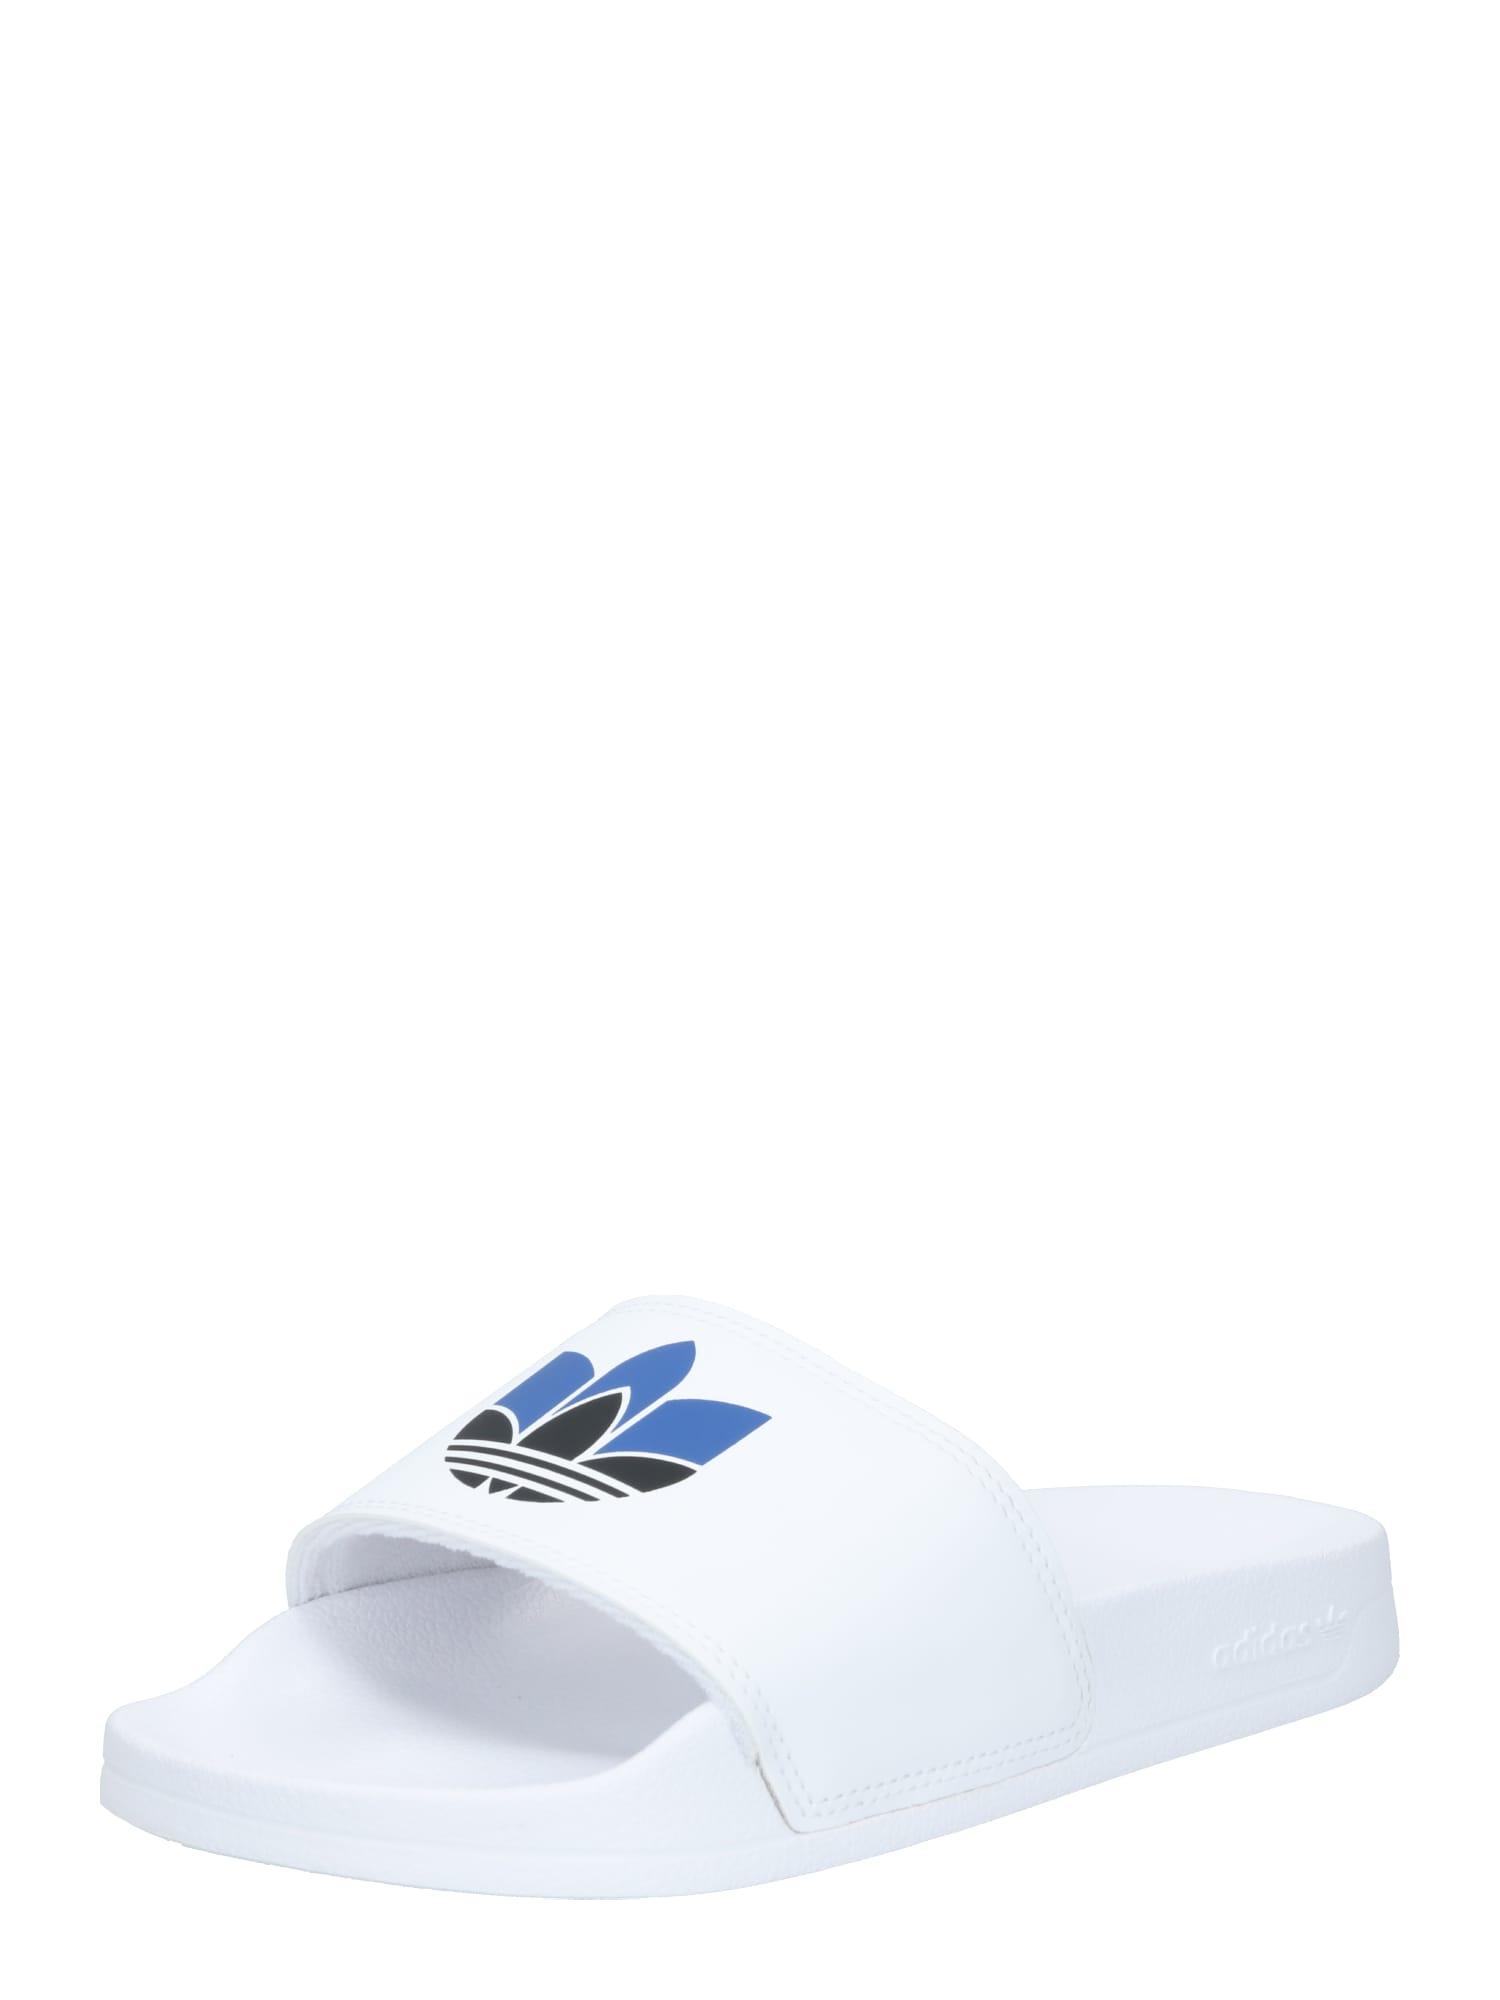 ADIDAS ORIGINALS Pantofle 'Adilette Lite'  bílá / královská modrá / černá